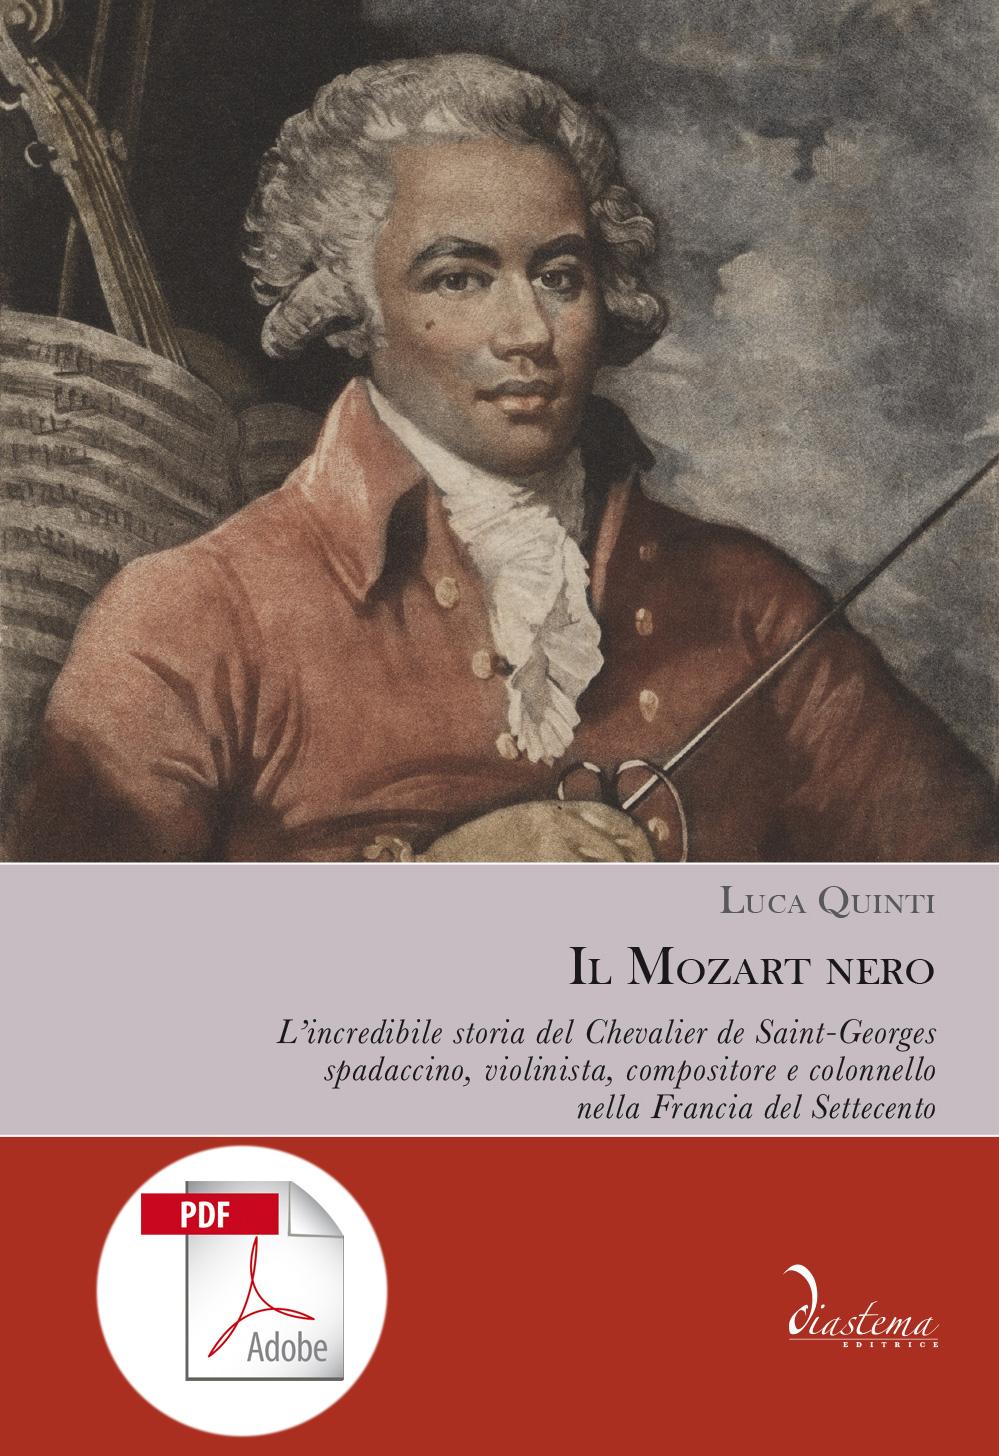 """<p><strong><span style=""""color: #000;"""">Luca Quinti<p><span style=""""color: #9a2a32;""""><strong>Il Mozart nero</strong><p><span style=""""color: #000;"""">L'incredibile storia del Chevalier de Saint-Georges, spadaccino, violinista, compositore e colonnello nella Francia del Settecento</span> </span><span style=""""color: #000;""""><br><br> </strong><span style=""""color: #000000;"""">formato PDF</span>"""